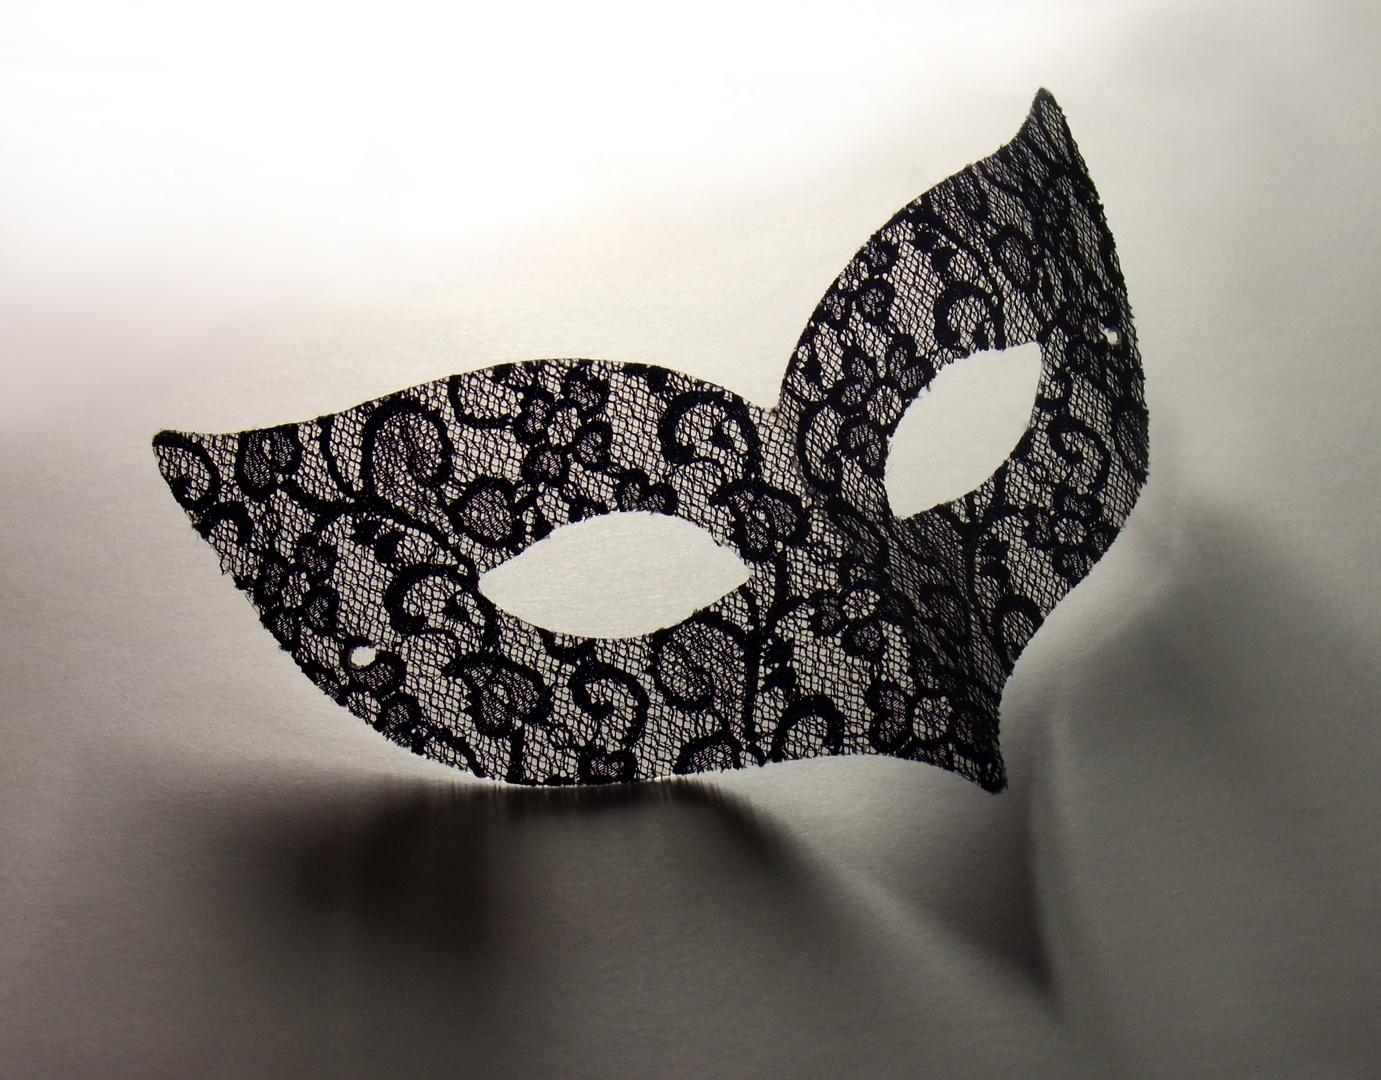 die maske das licht aufhält